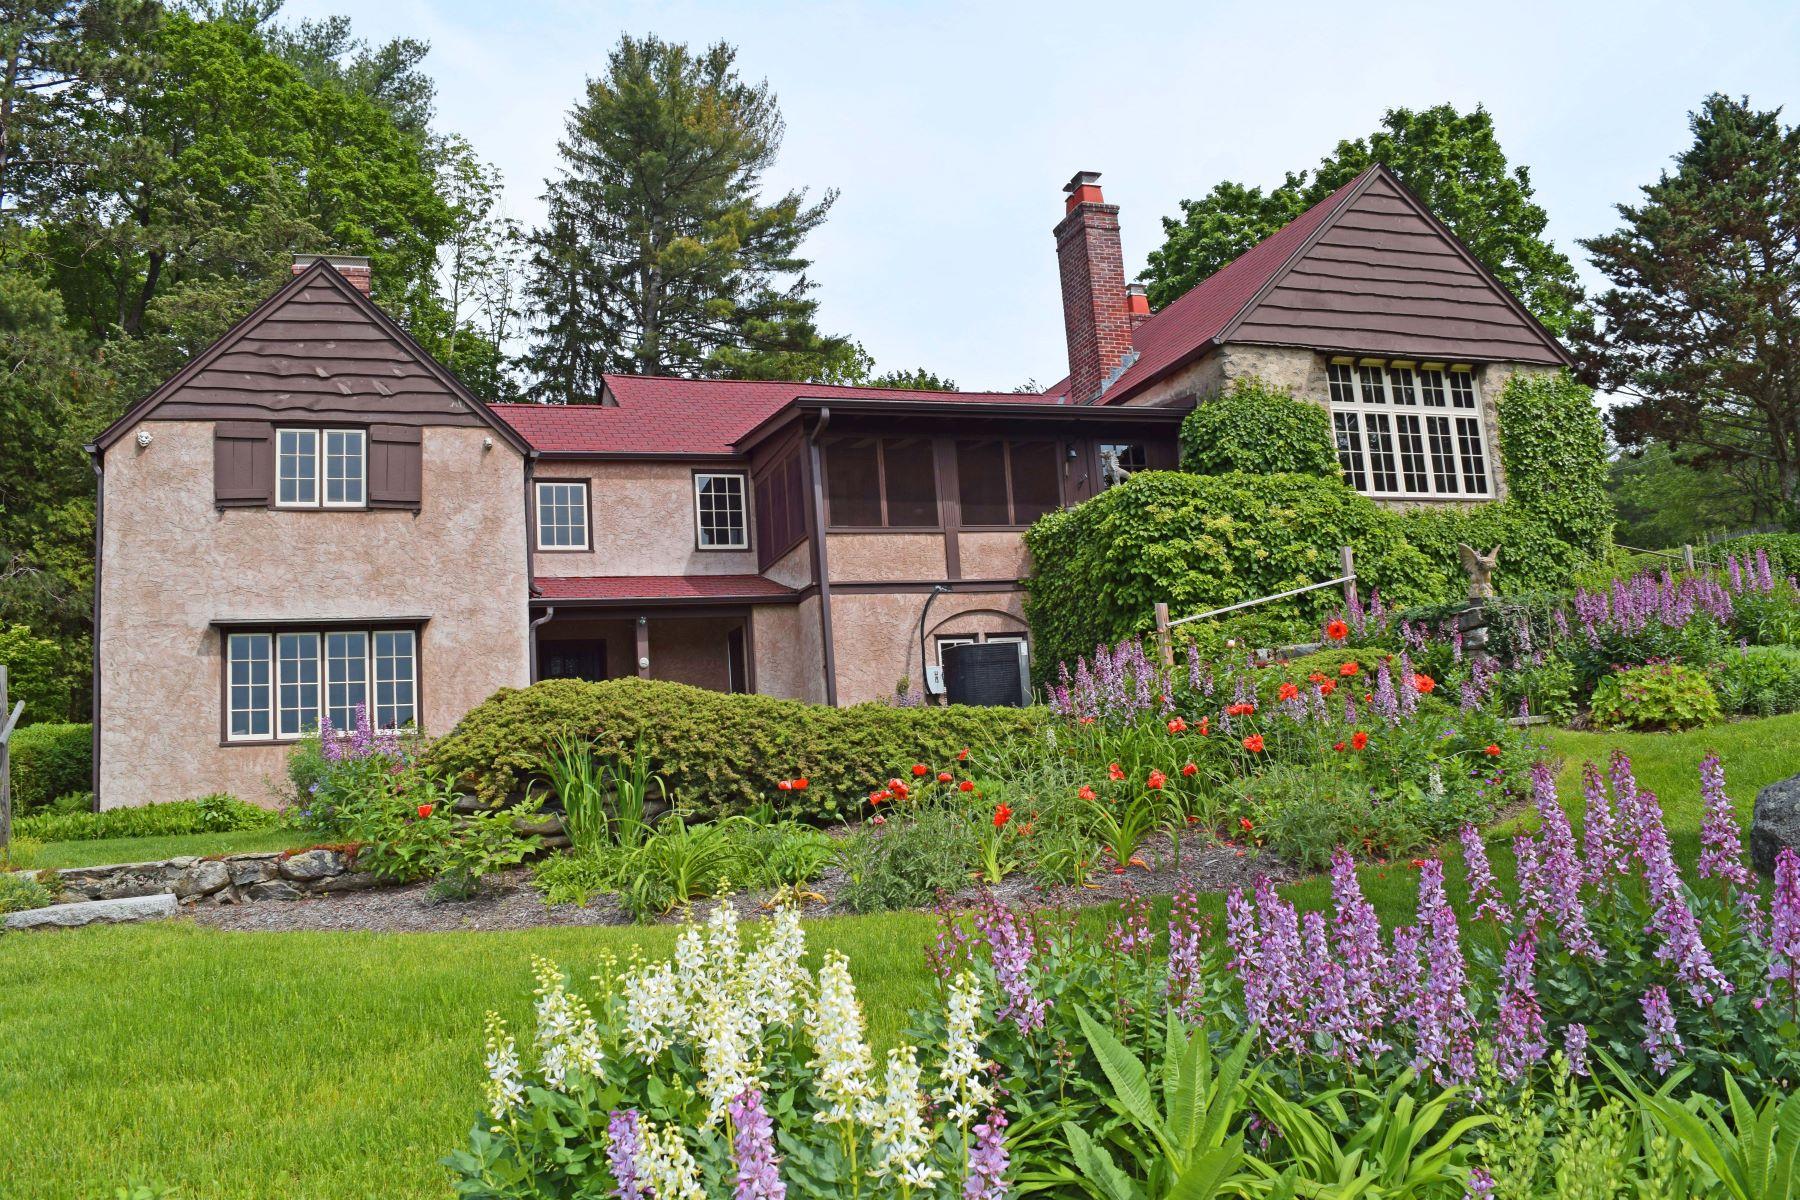 Casa Unifamiliar por un Venta en 1910 Country Property 40 Bolton Road Harvard, Massachusetts 01451 Estados Unidos